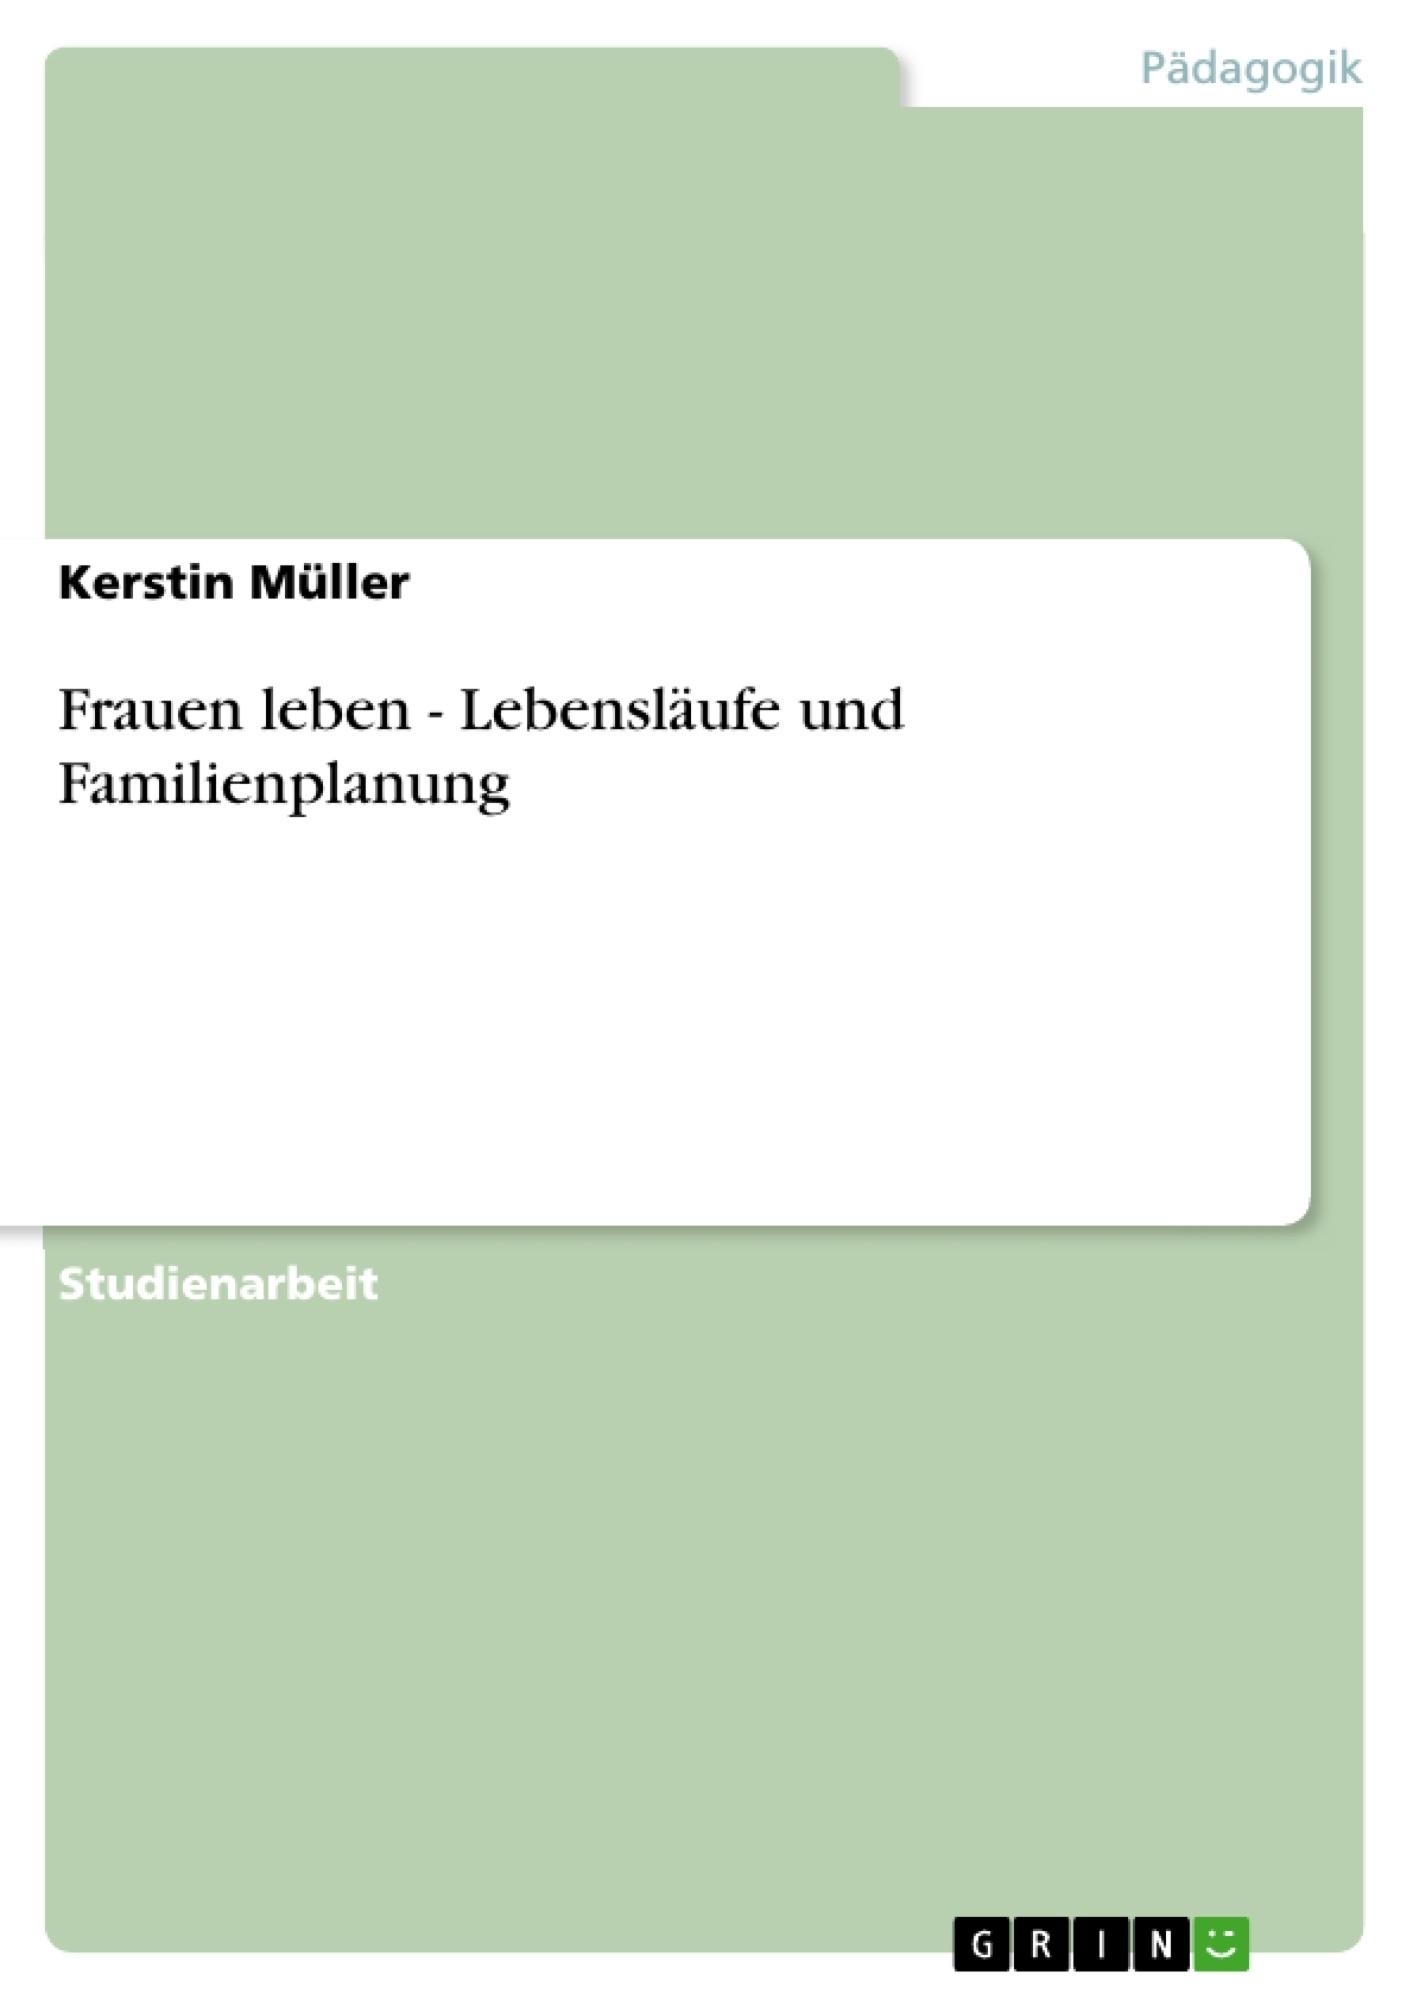 Titel: Frauen leben - Lebensläufe und Familienplanung